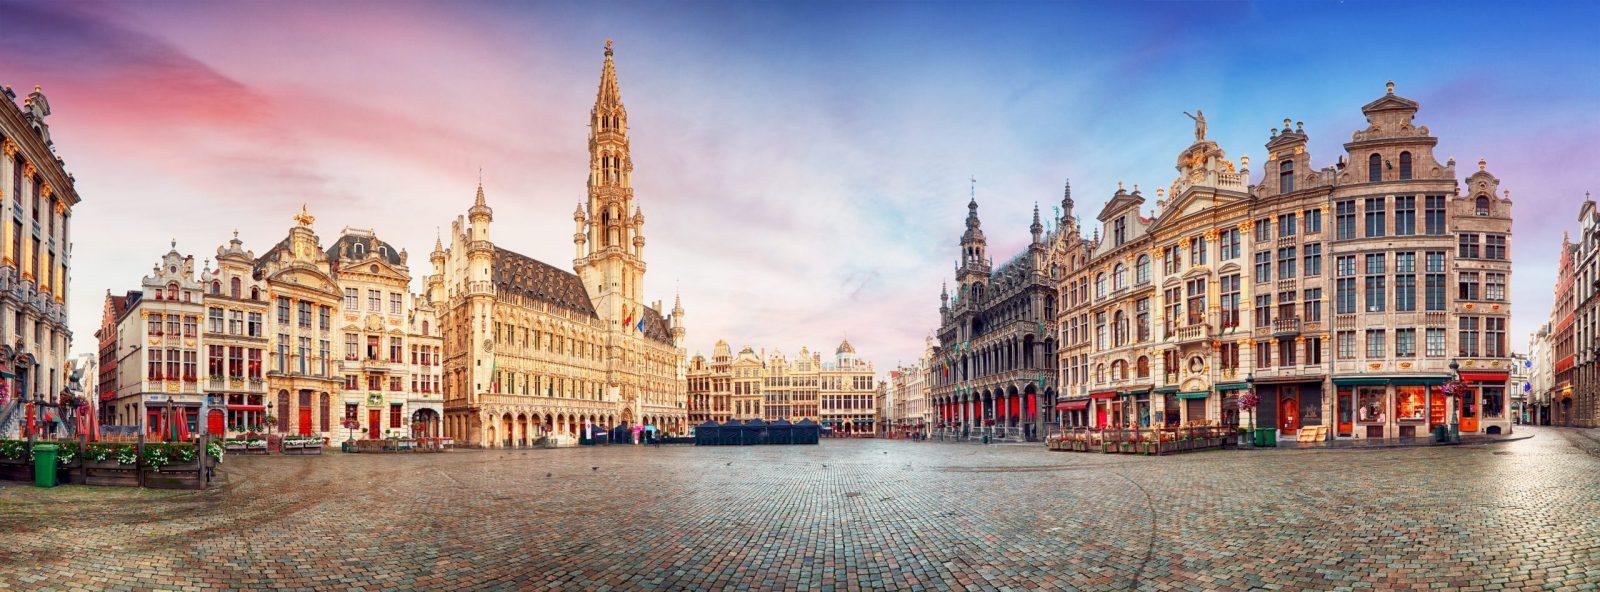 Qué lugares ver en Bruselas 📸